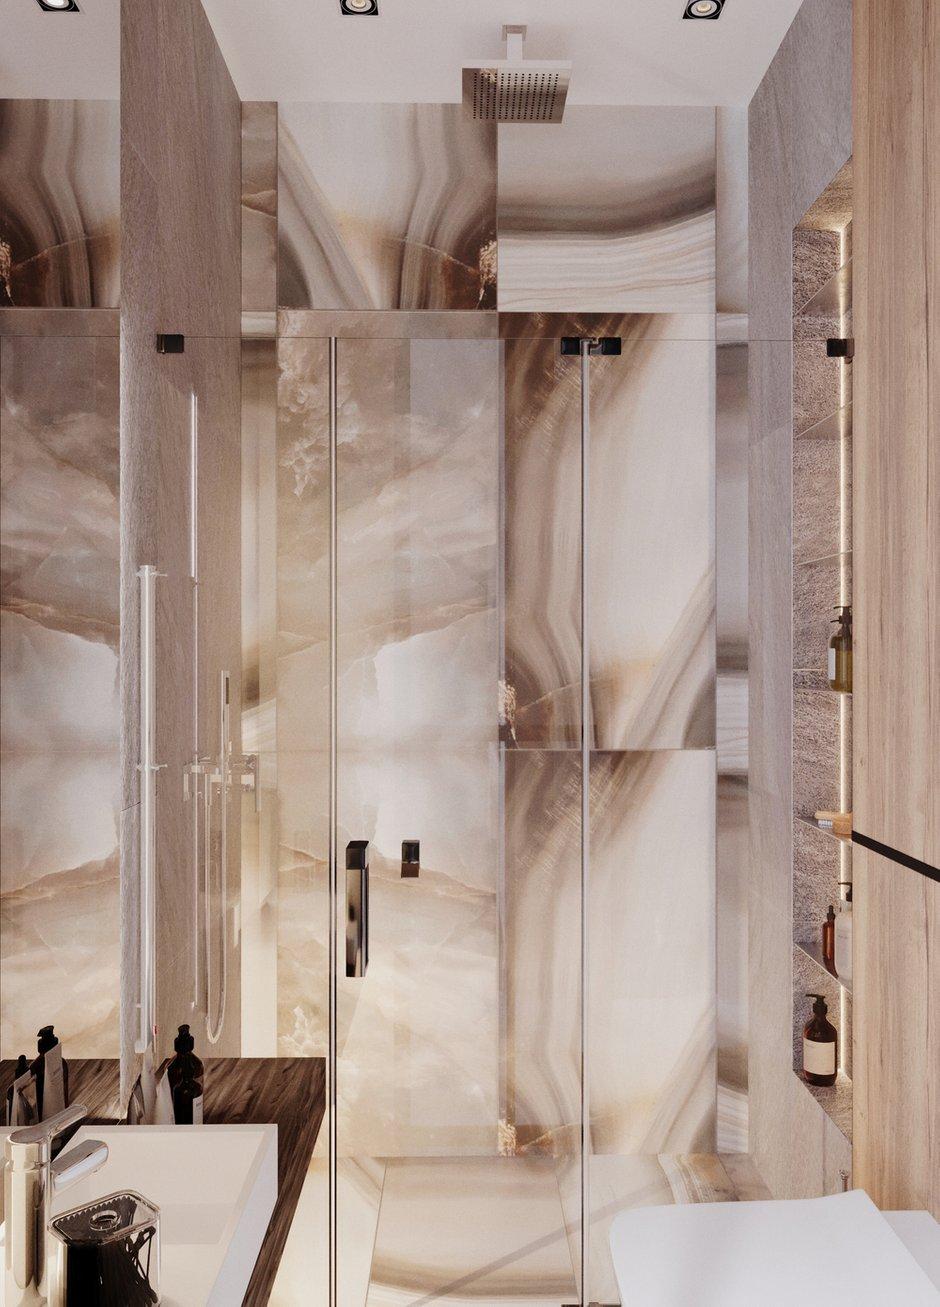 Фотография: Ванная в стиле Современный, Квартира, Проект недели, Samsung, Монолитный дом, 3 комнаты, 60-90 метров, ЖК Headliner, Леся Печенкина – фото на INMYROOM